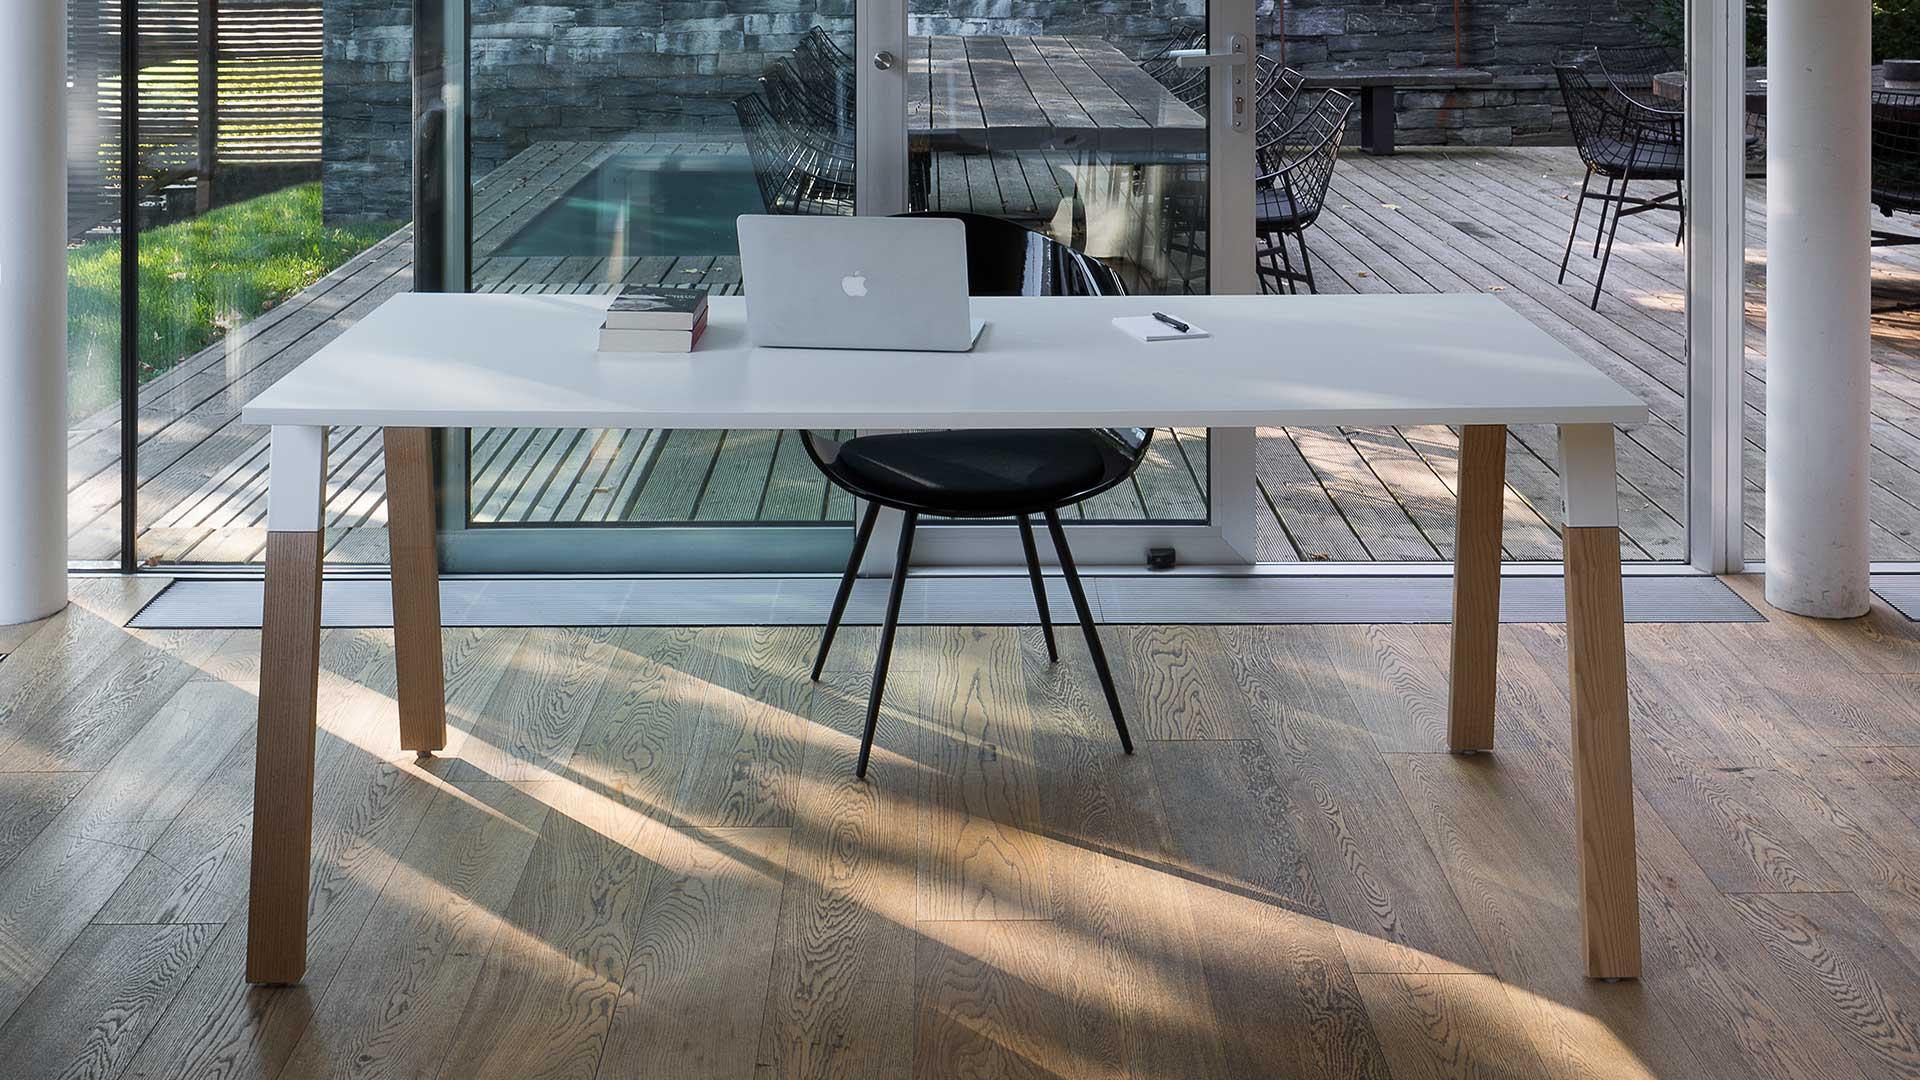 Tavoli-riunione-Nordic-Level-Office-Landscape